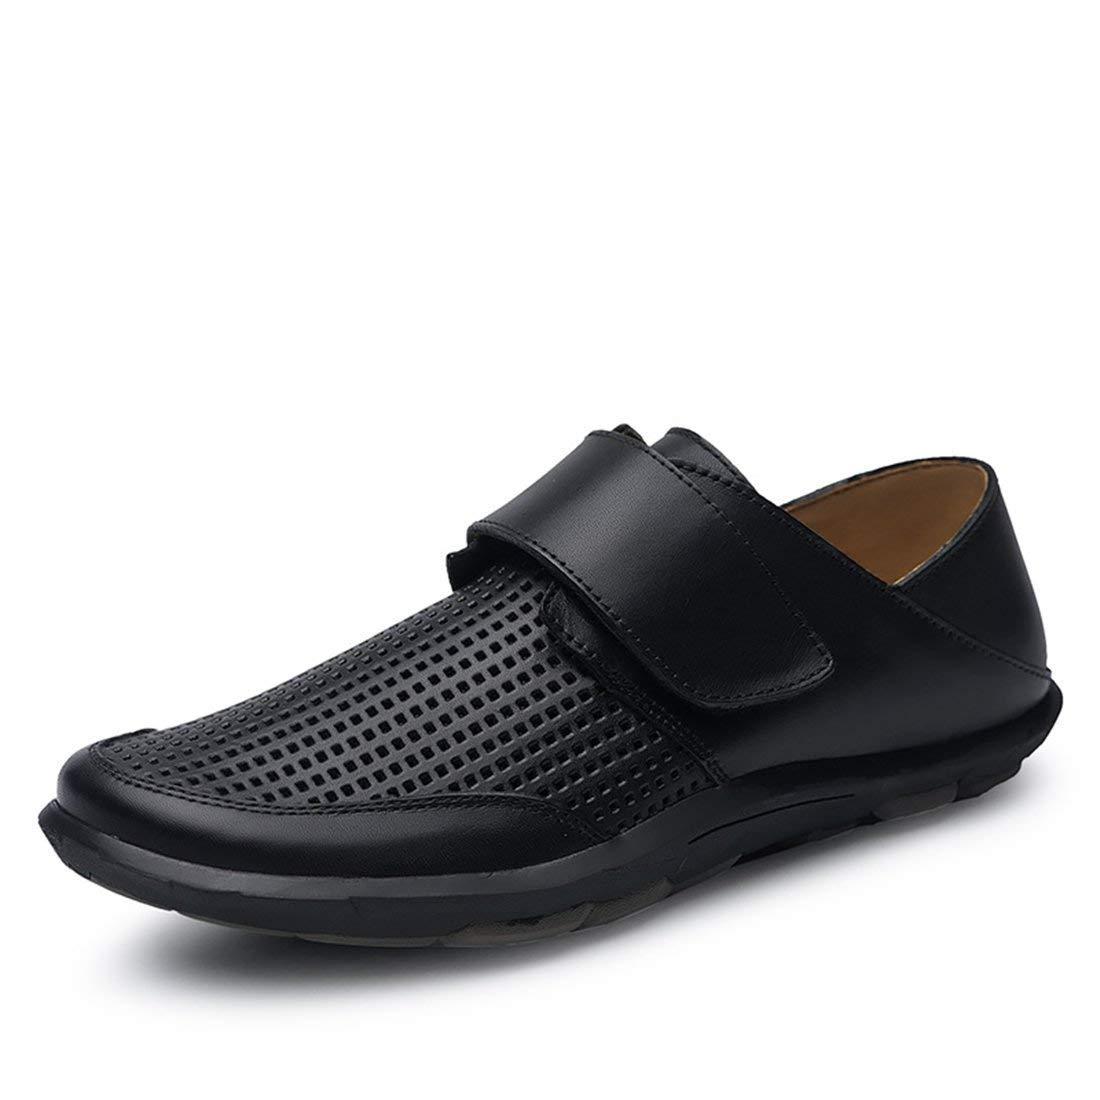 Herren Mesh atmungsaktiv atmungsaktiv atmungsaktiv schwarz Walknig Schuhe mit Klettverschluss UK 7 (Farbe   -, Größe   -) 9f5f72